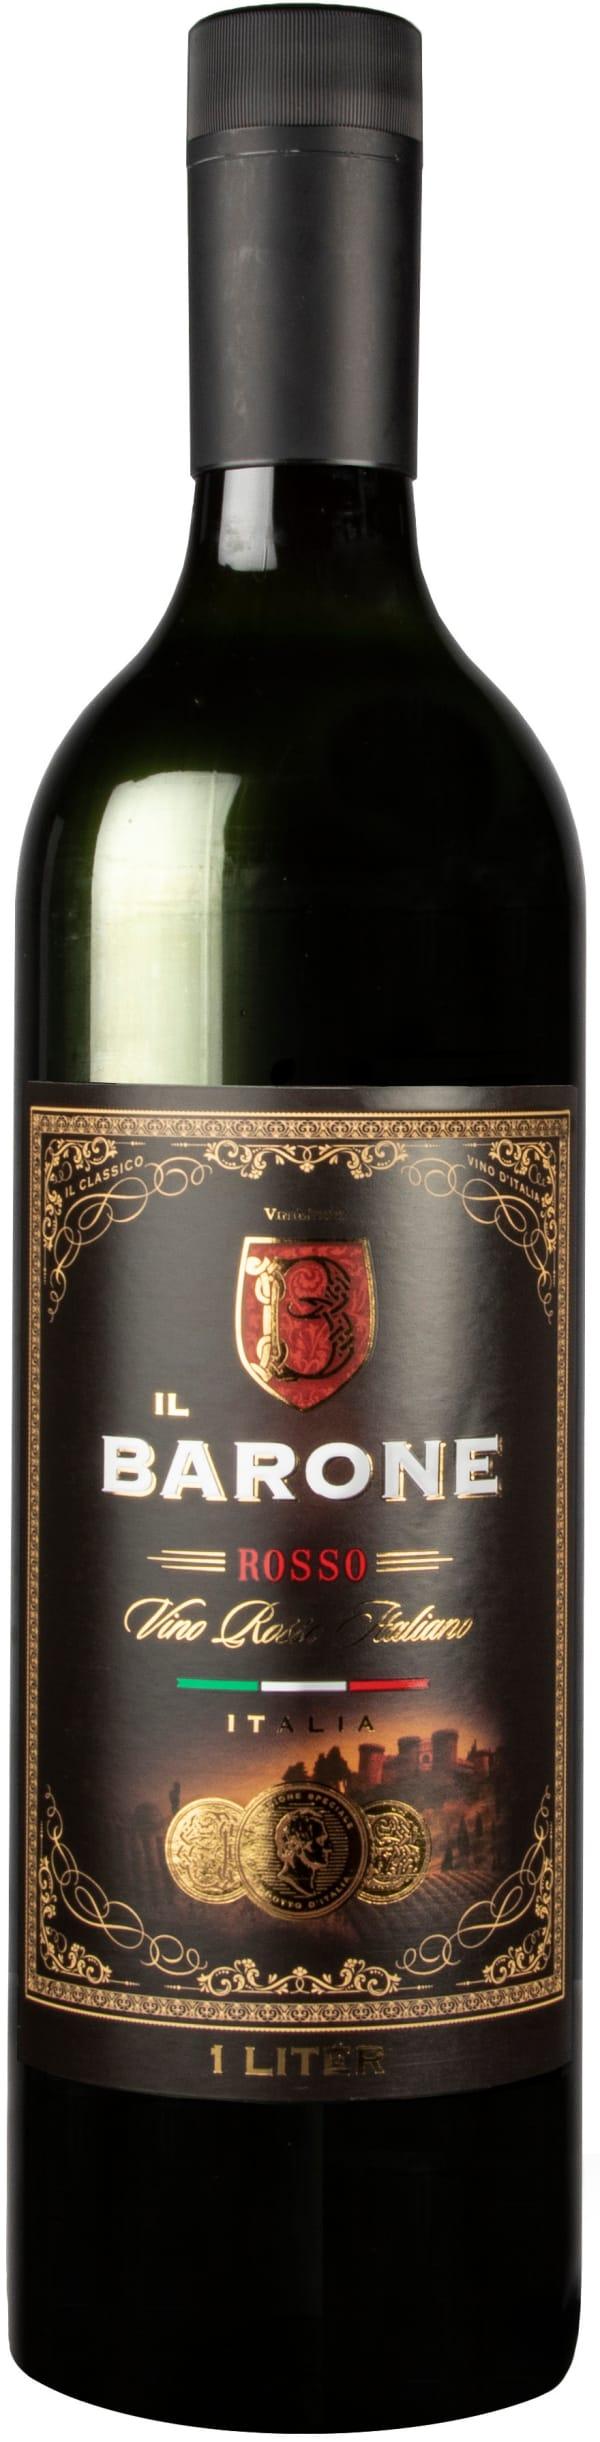 Il Barone Rosso 2018 plastic bottle